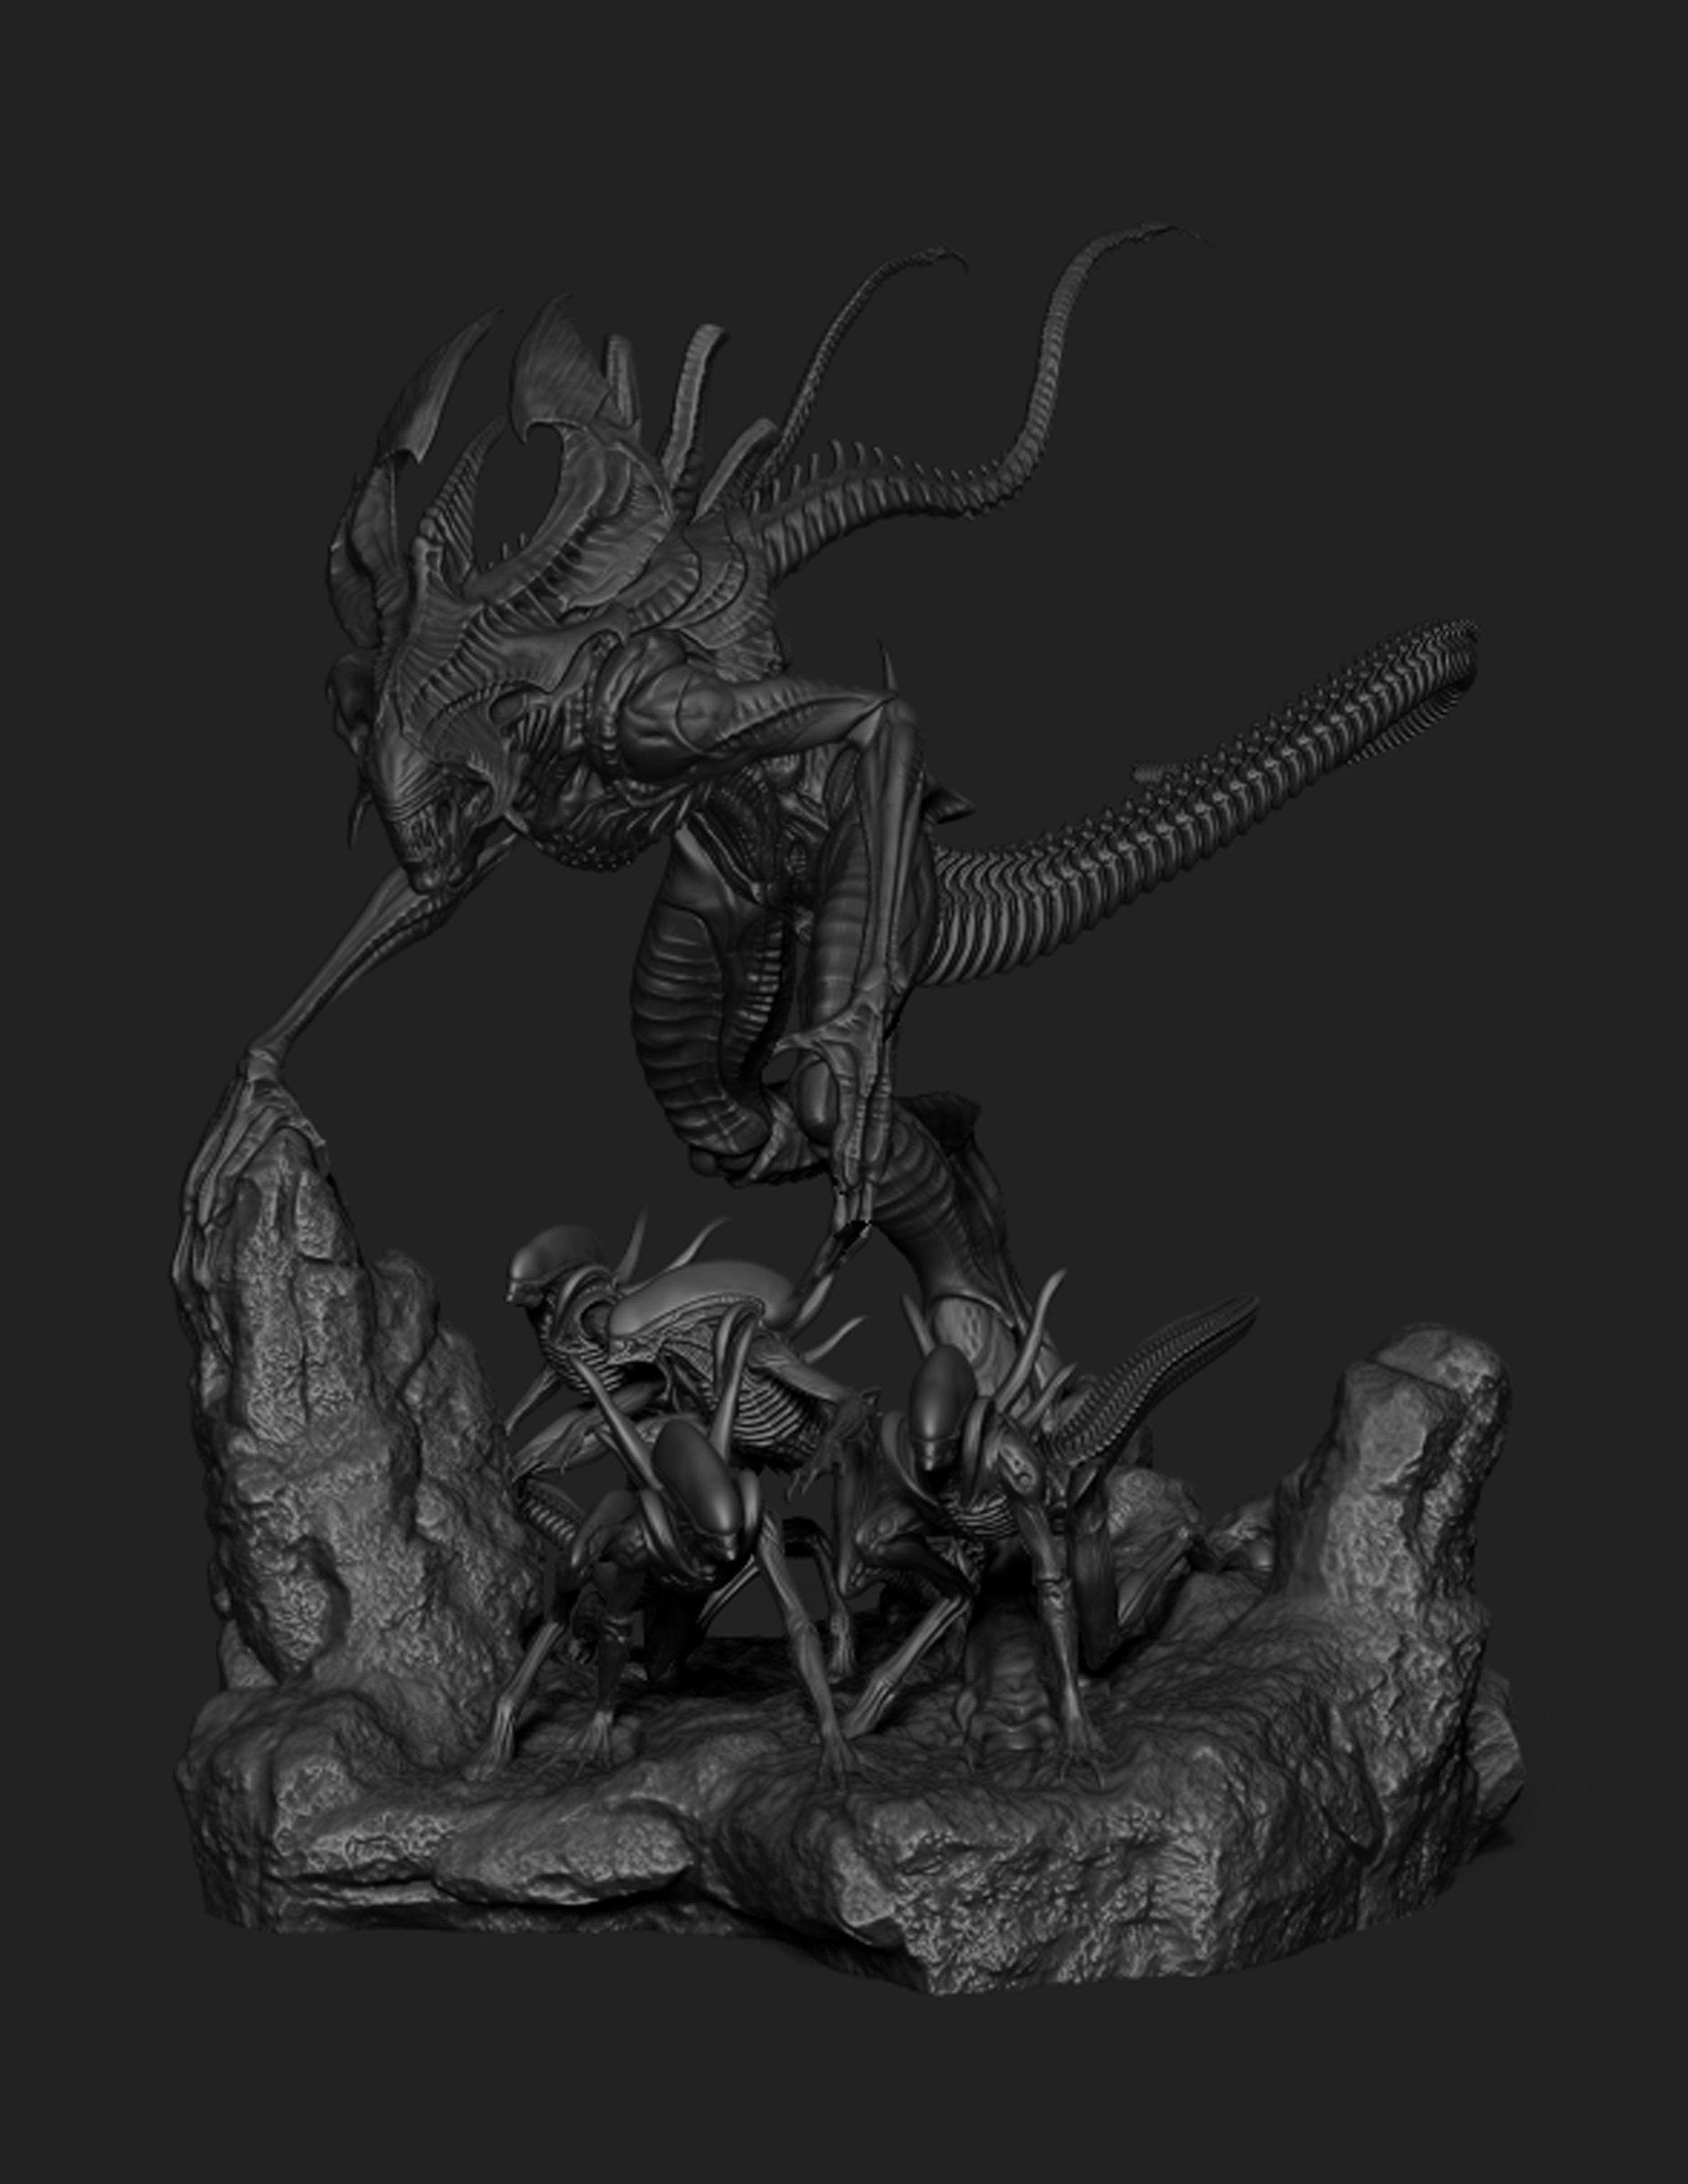 Alien_King_2910.jpg